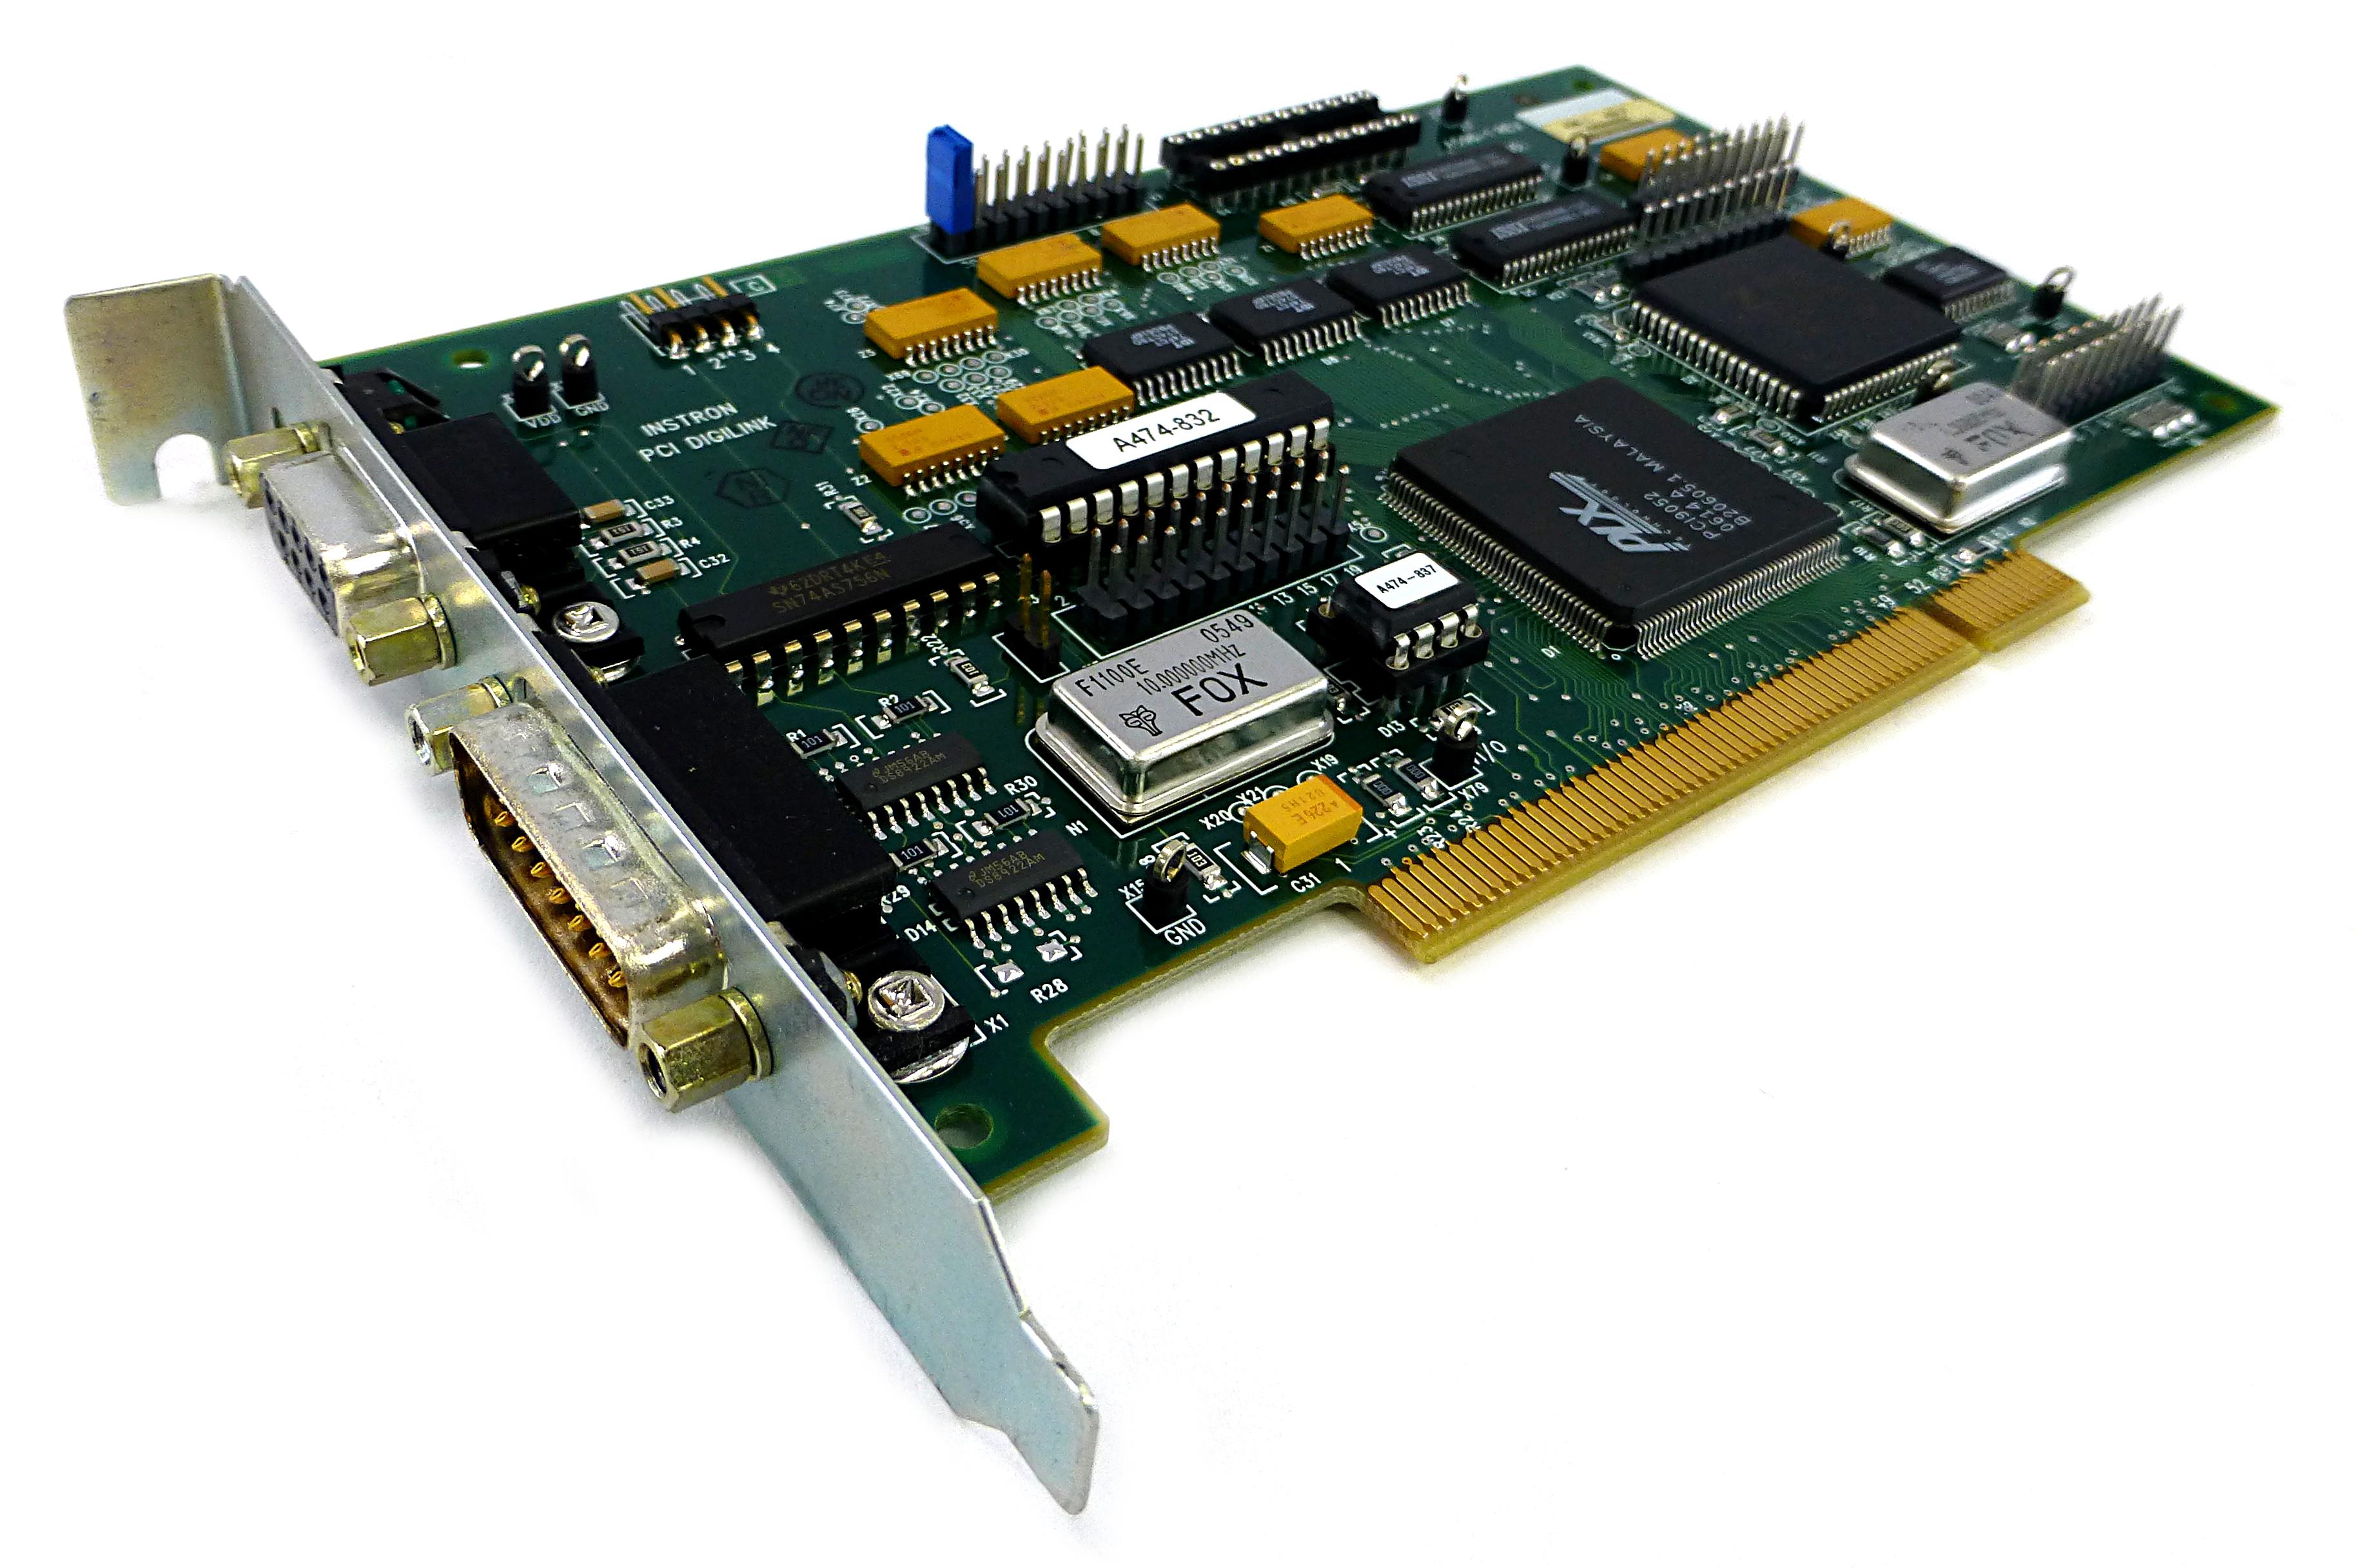 Instron A596-1 Rev:F PCI Digilink Card Tension Tester Board VS63930202